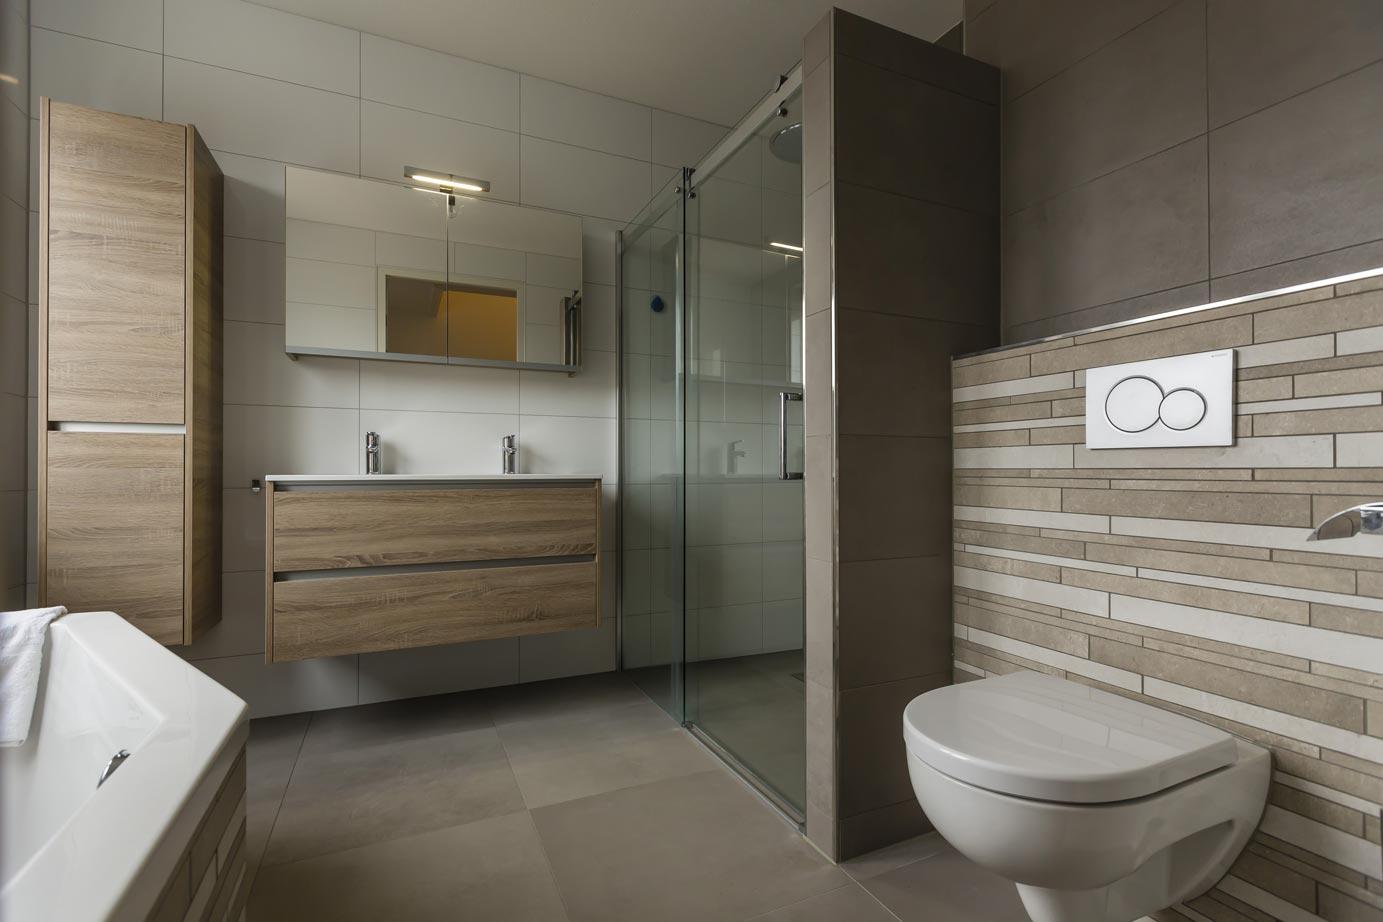 Goedkope Wandtegels Badkamer : Tegels kopen wandtegels of vloertegels groot aanbod arma